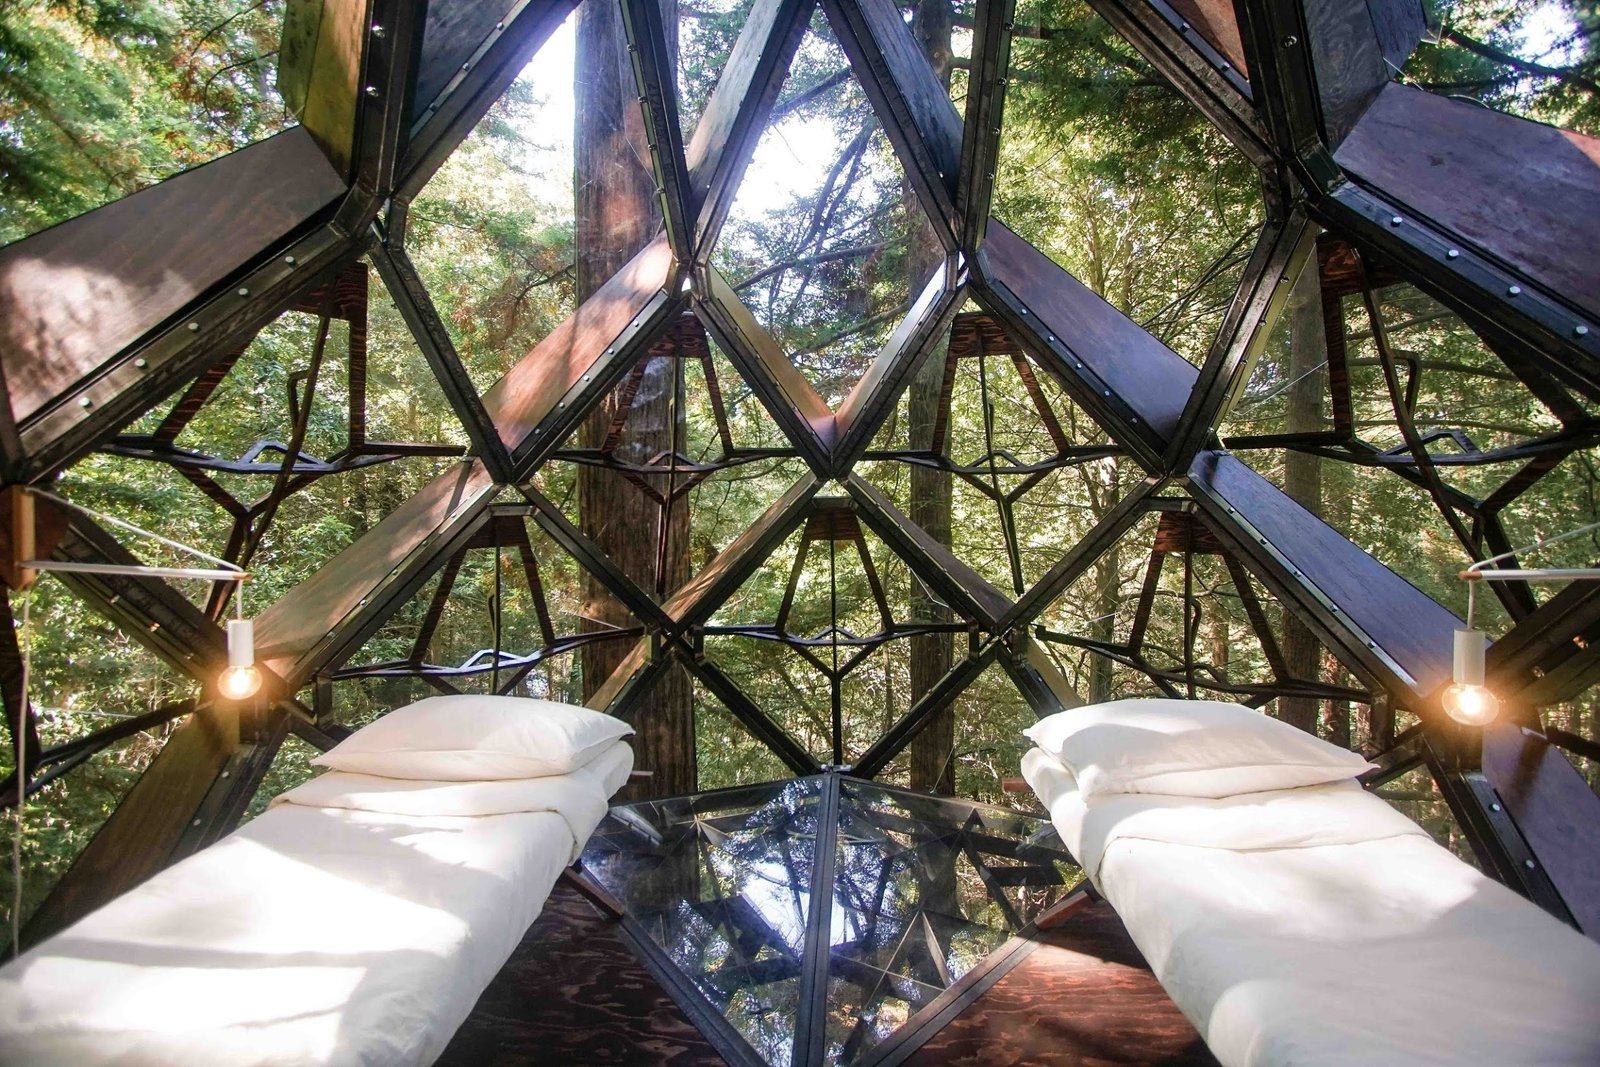 Pinecone tree house interior